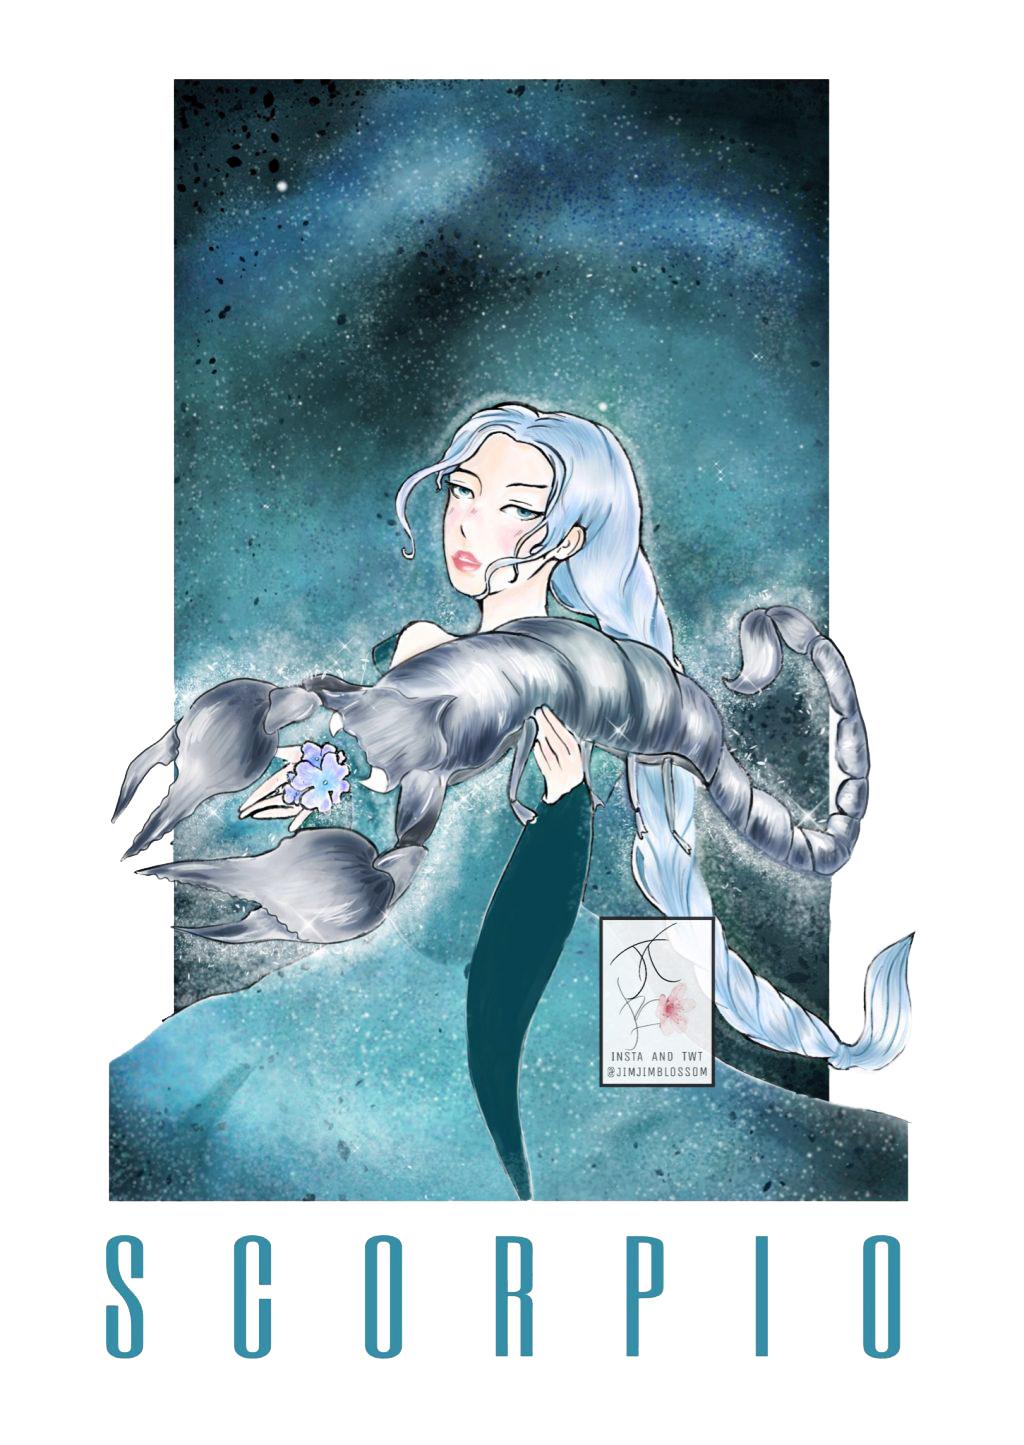 Cung hoàng đạo Thiên Yết với hình tượng cô gái và con bọ cạp